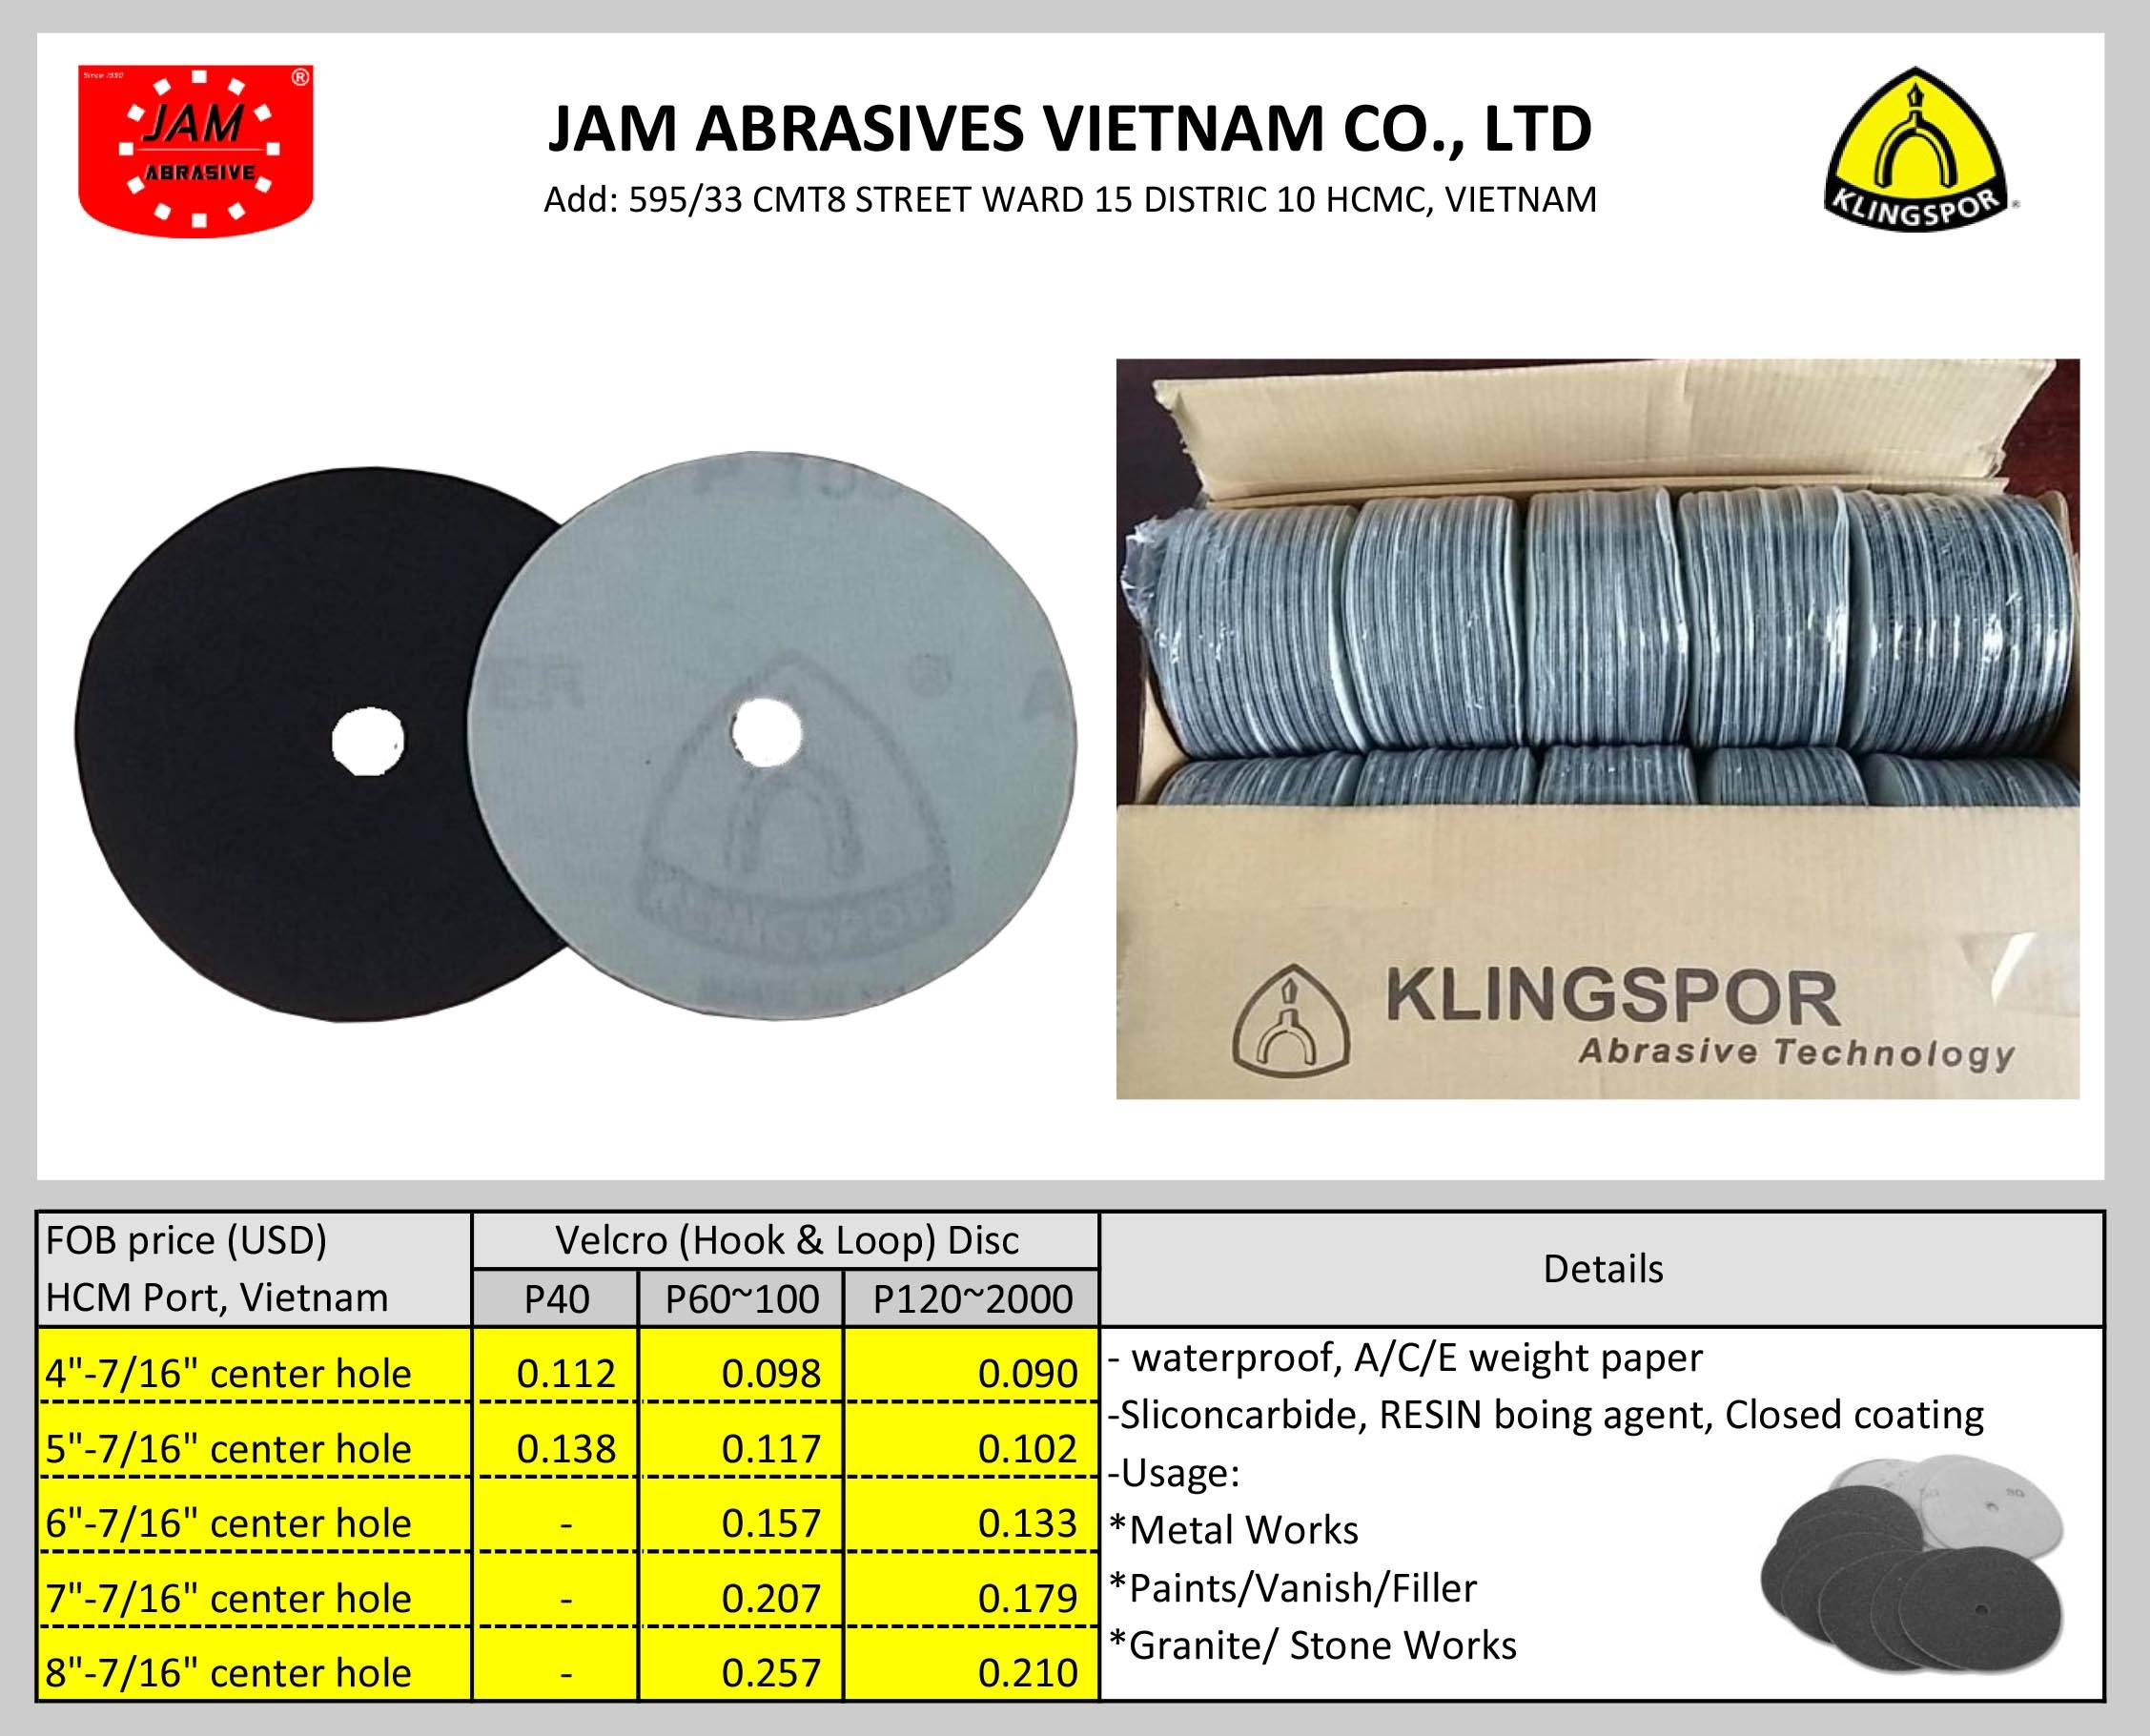 KLINGSPOR 6inh DISC, Velcro, Siliconcarbide